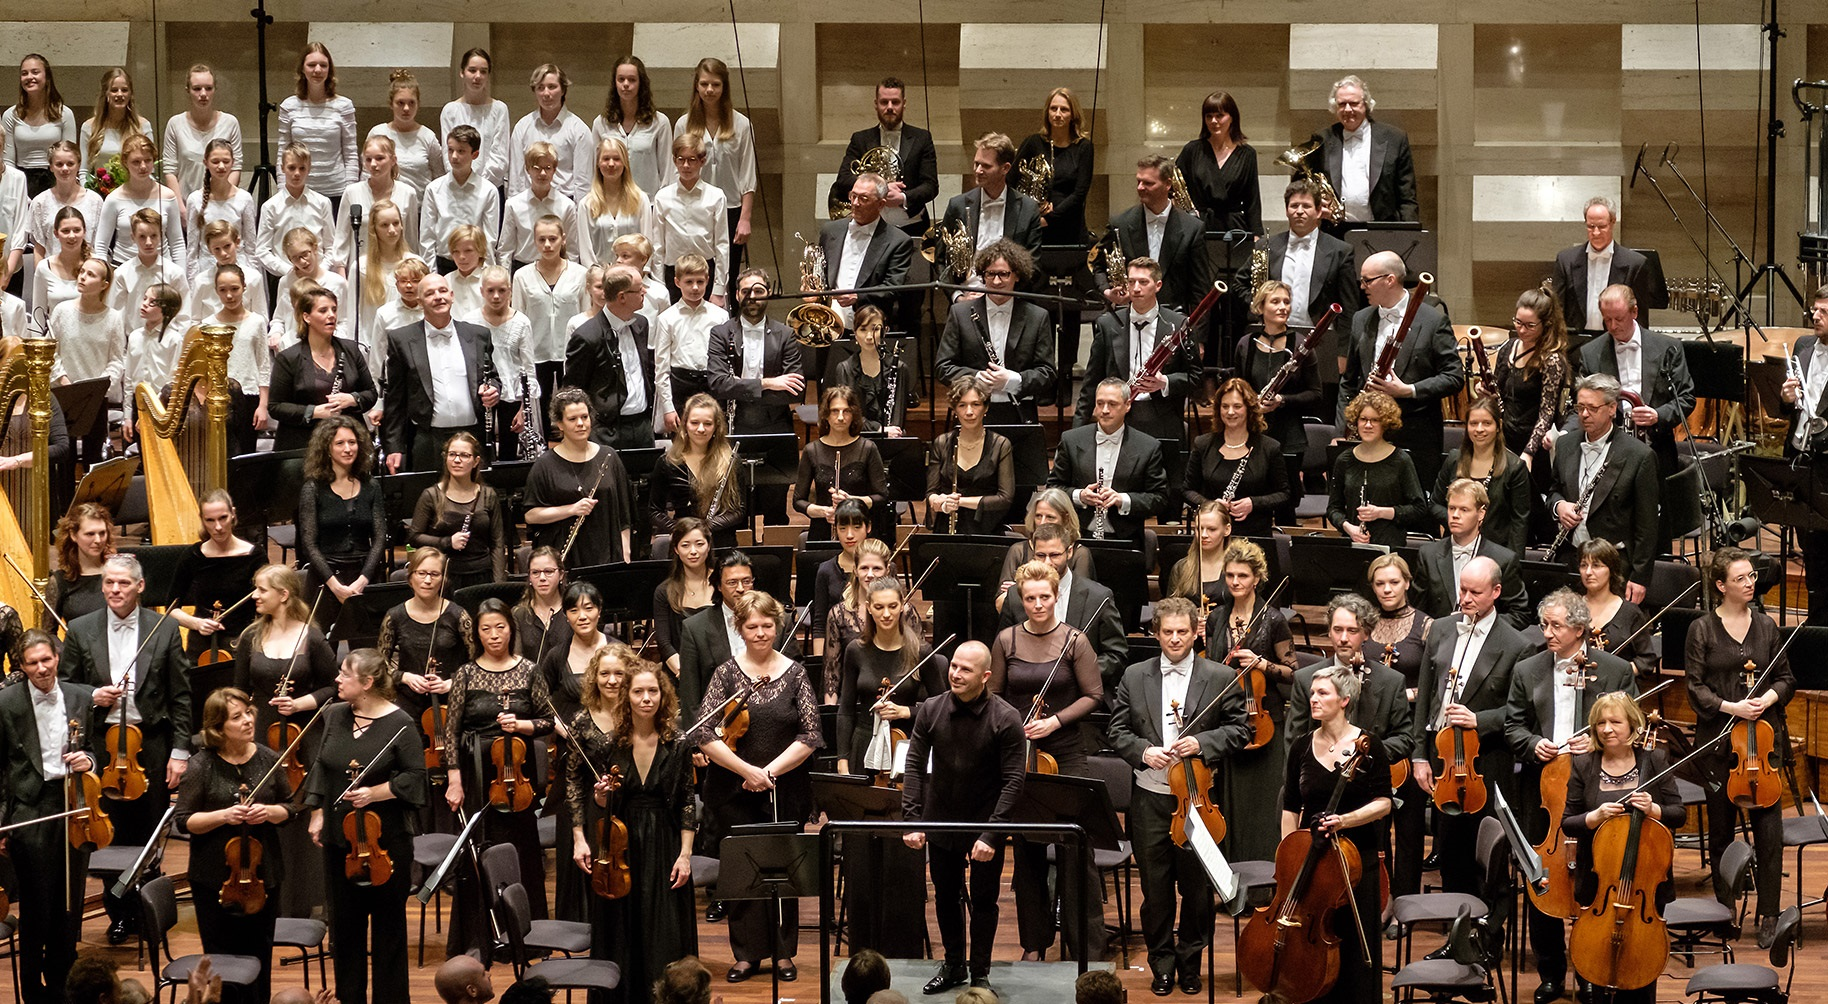 Het Nationaal Jongenskoor en het Nationaal Kinderkoor tijdens uitvoering 8e symfonie van Gustav Mahler met Rotterdams Philharmonisch Orkest o.l.v. Yannick Nézet-Séguin